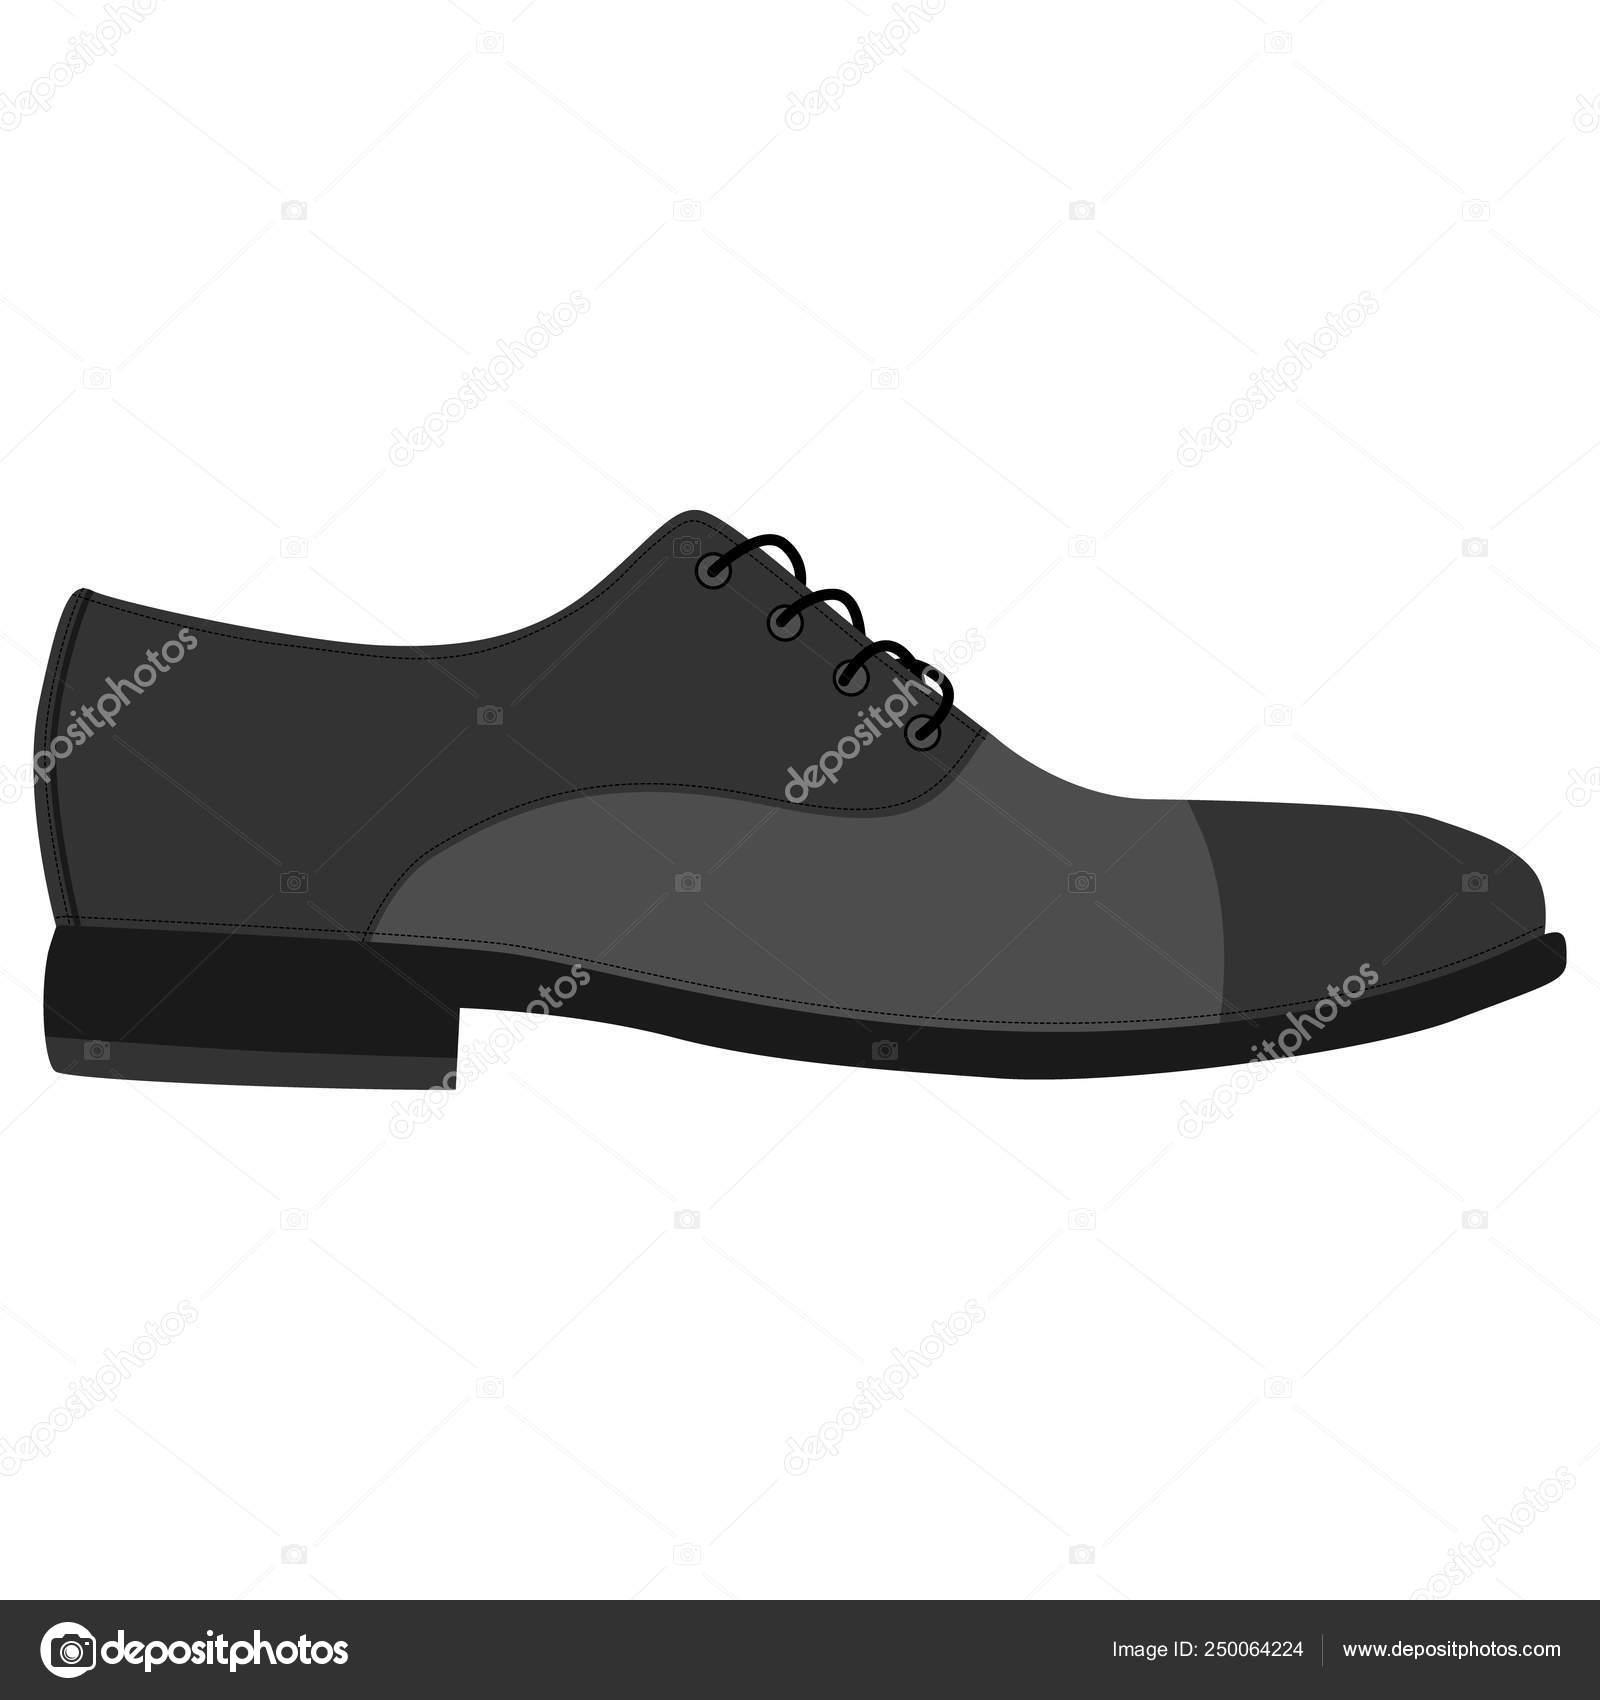 Zapatos Iconos Hombre De Masculinos AisladosLos byf6Y7vg